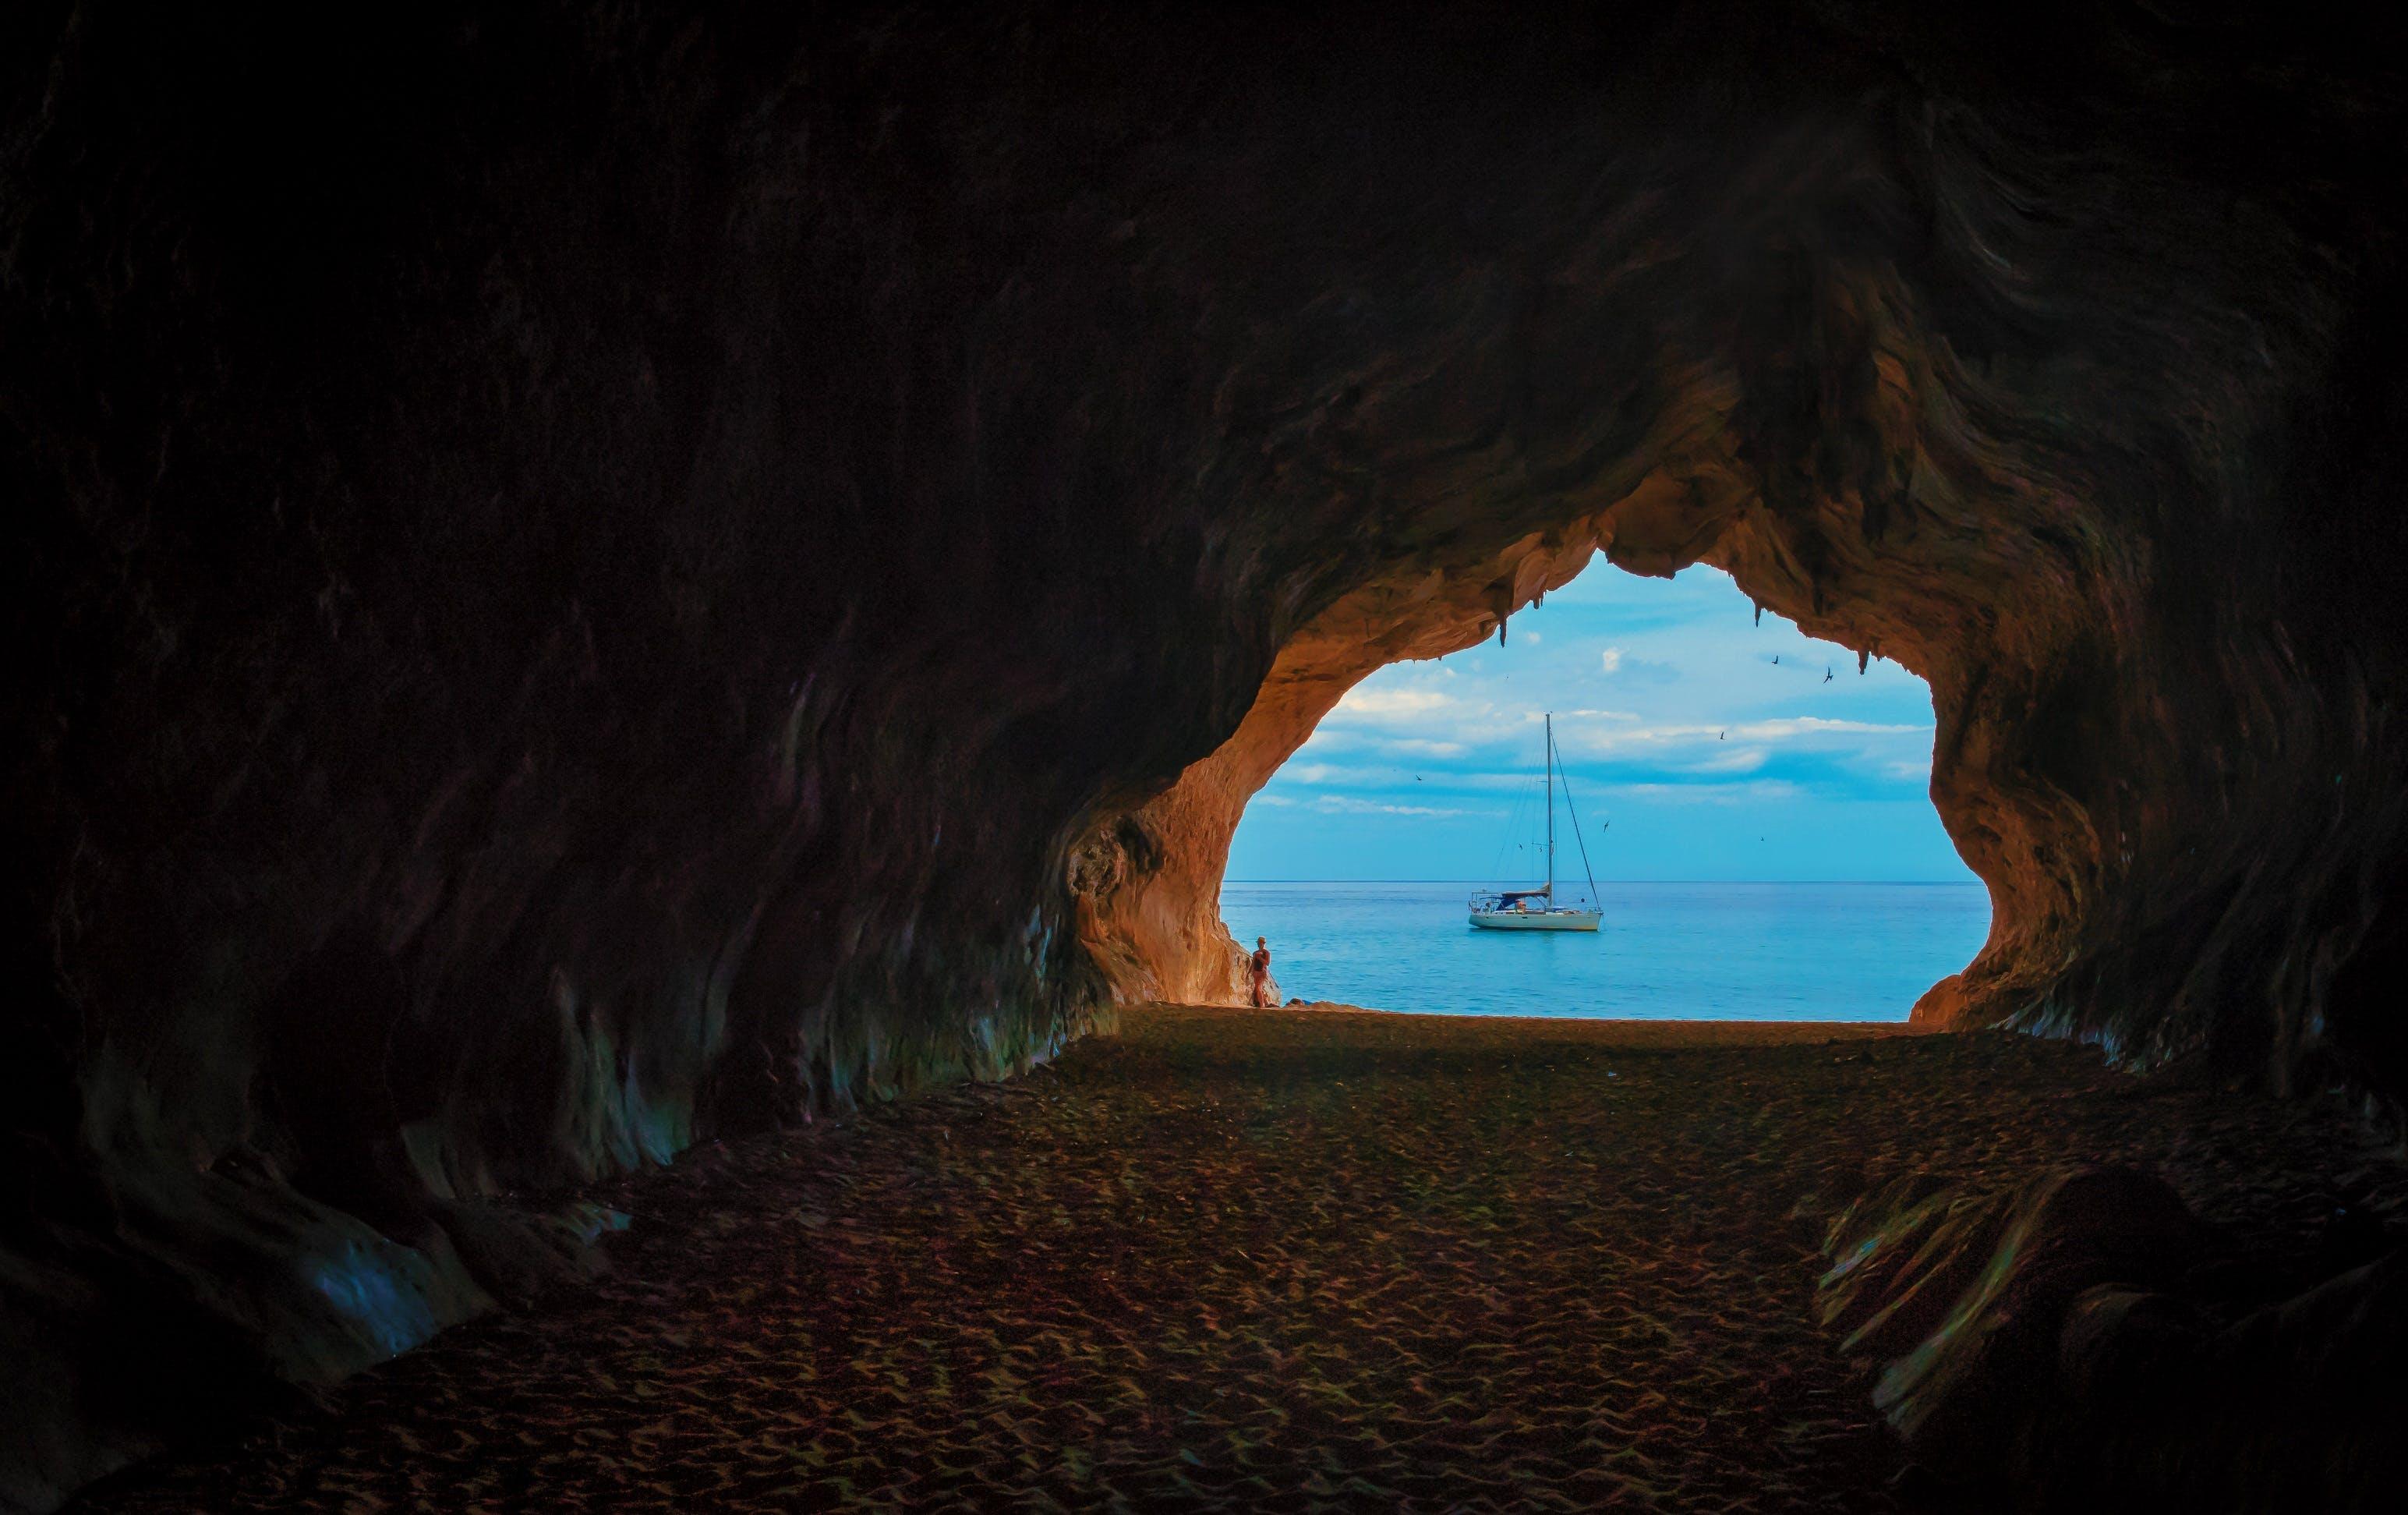 Gratis arkivbilde med bakgrunn, blå, daggry, hav